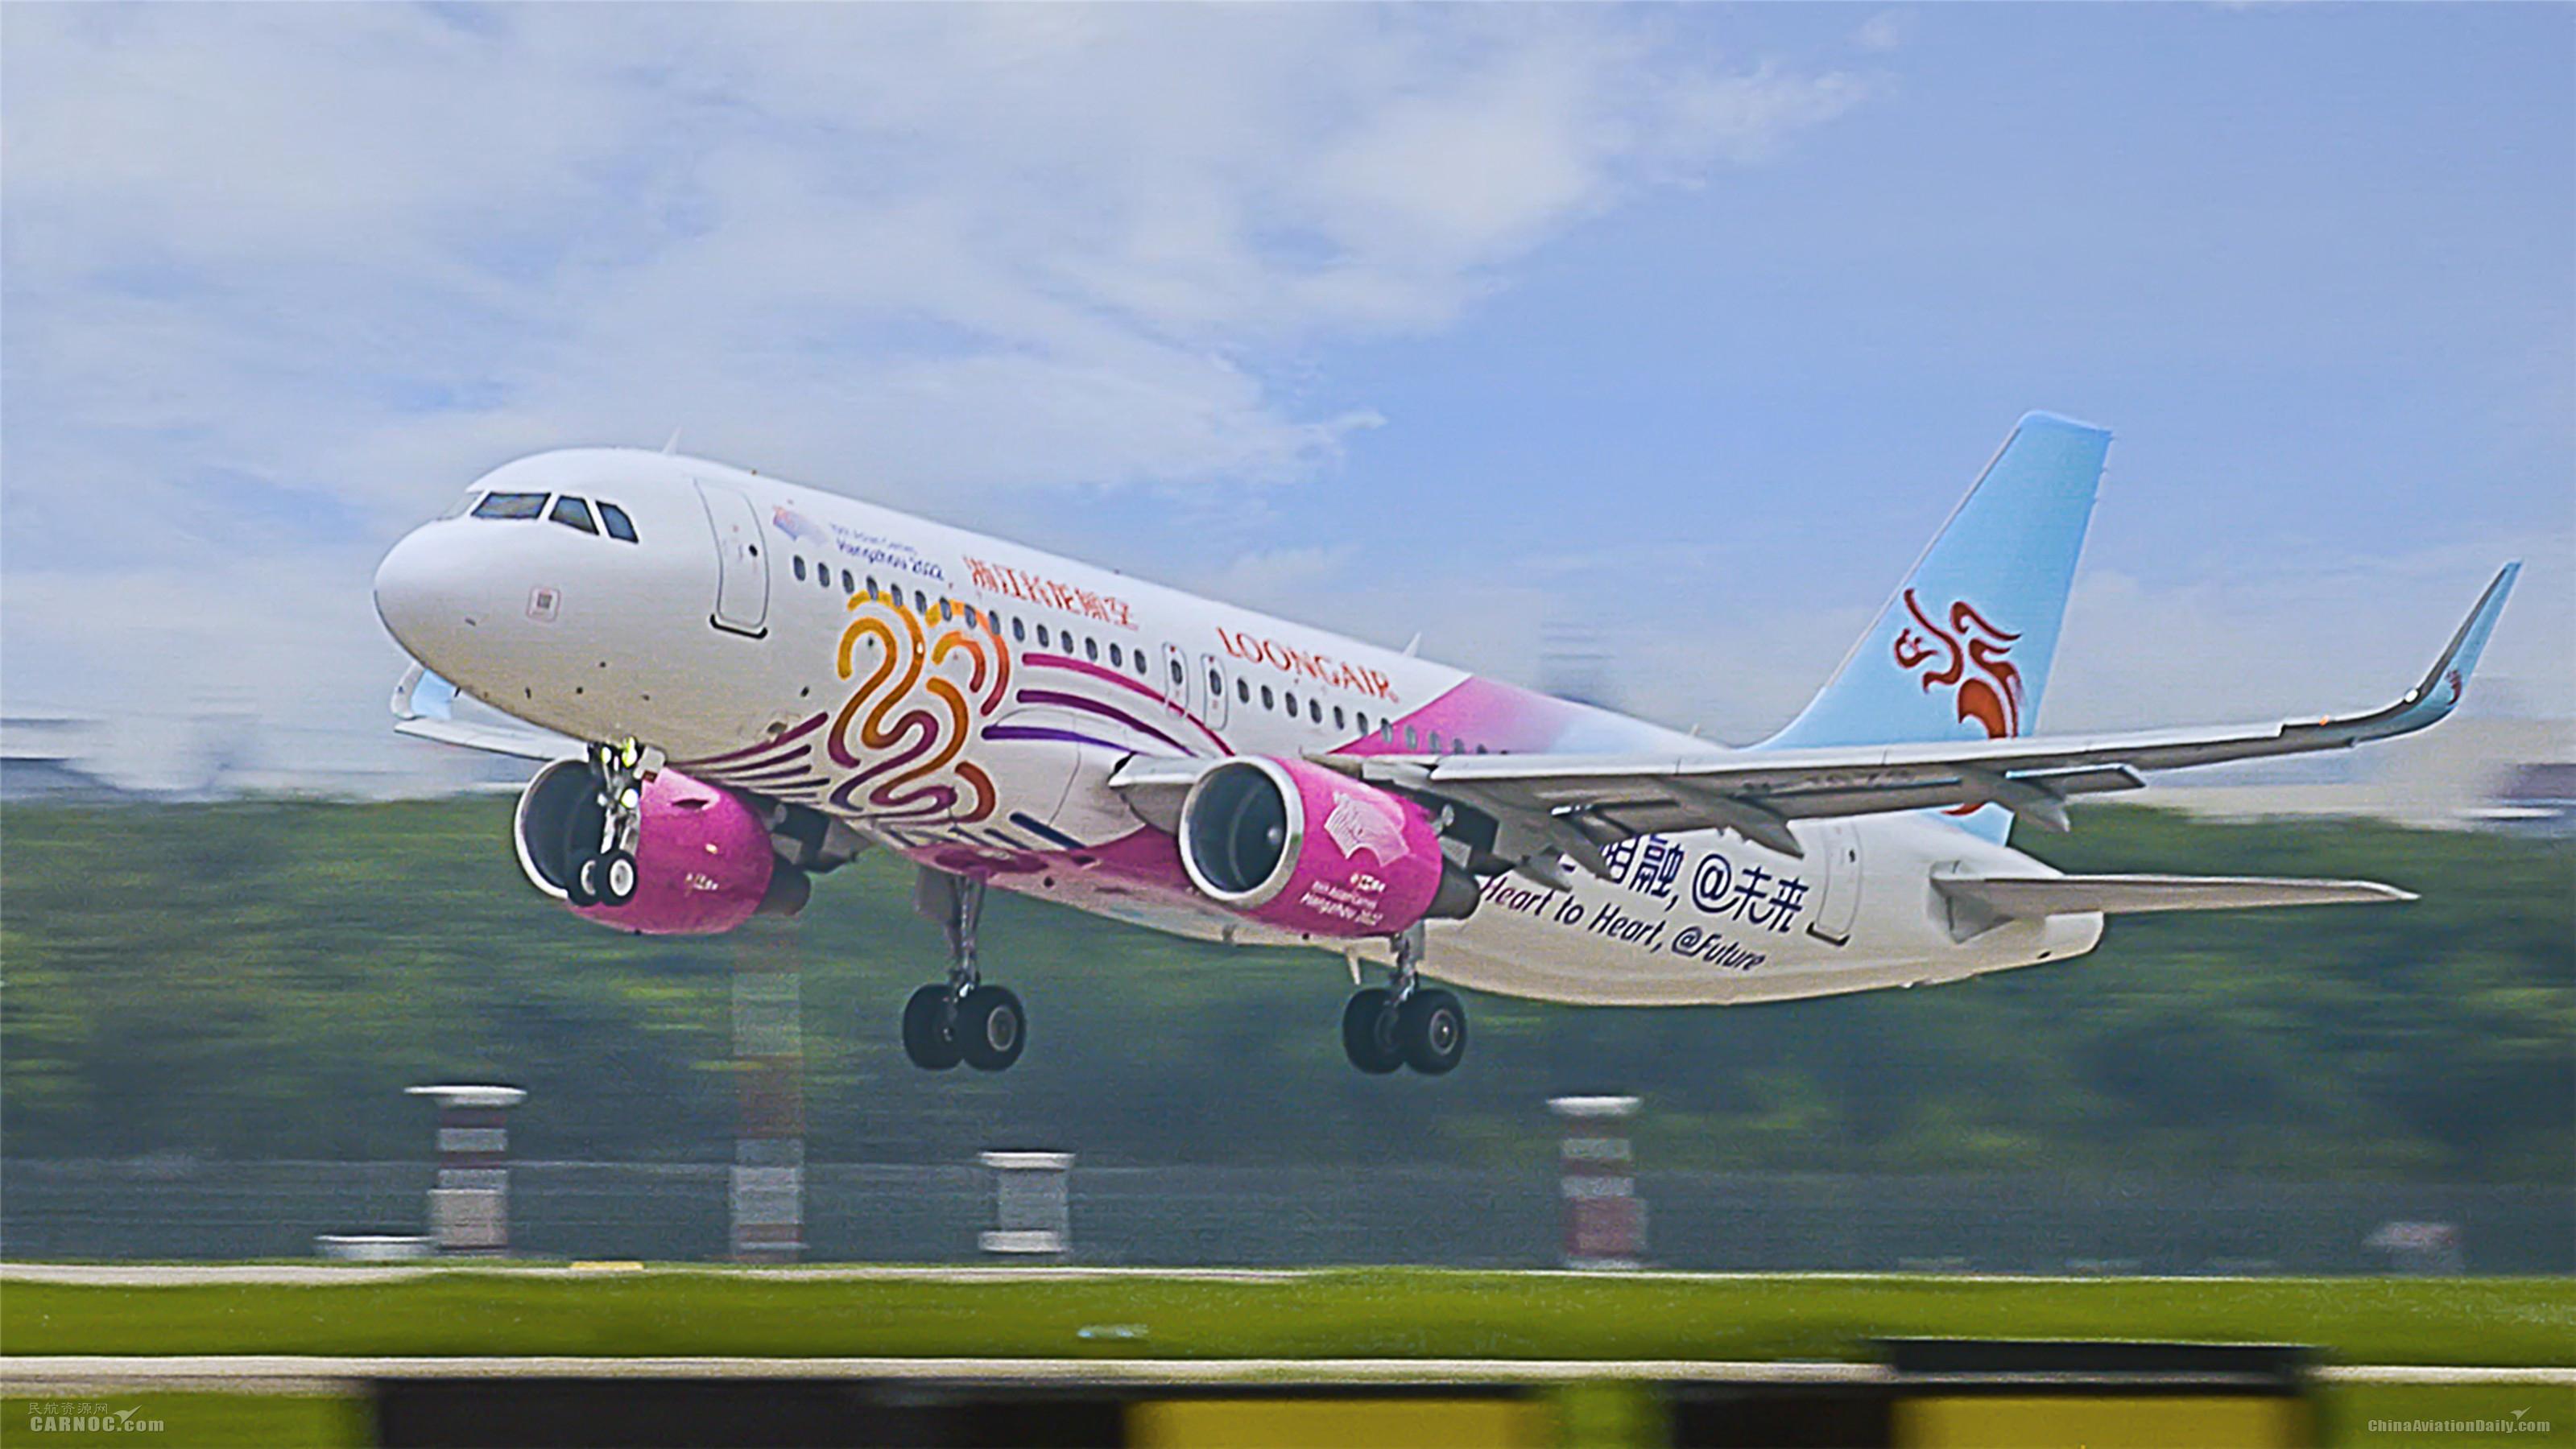 杭州亚运会彩绘机队亮相 长龙航空助力亚运航空客运服务